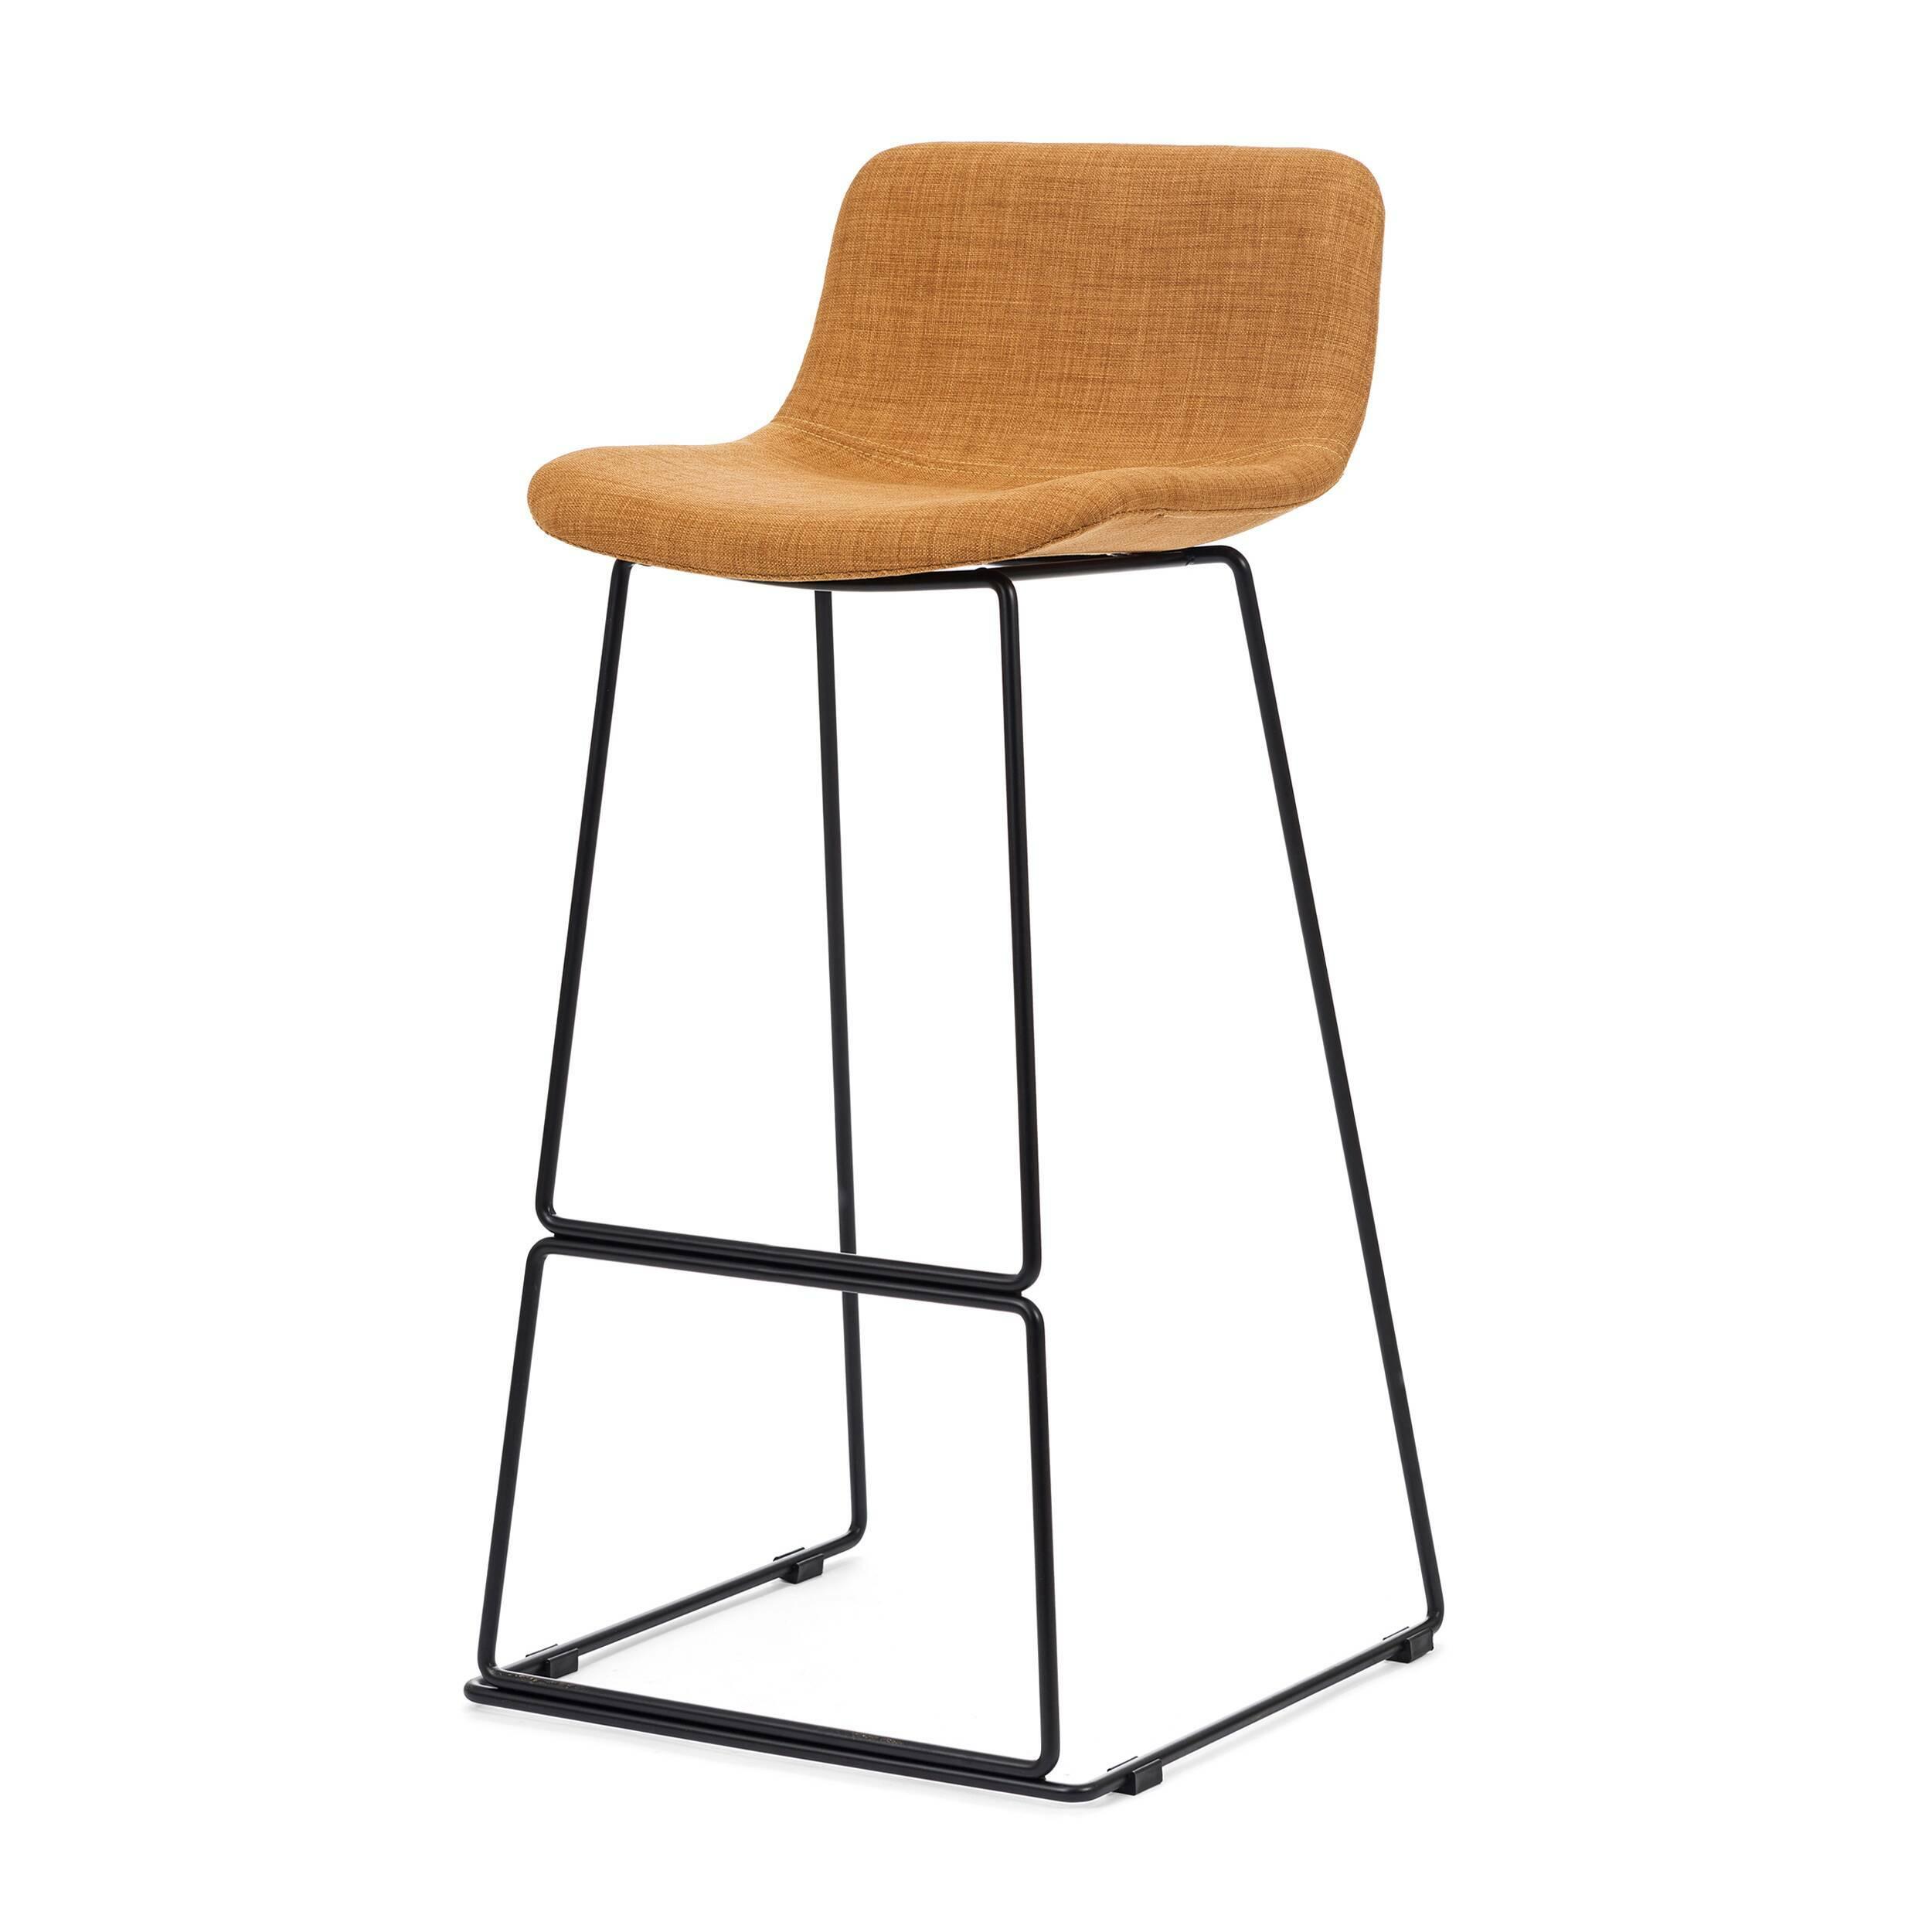 Барный стул Neo с мягкой обивкойБарные<br>Дизайнерский высокий барный стул Neo (Нео) с мягкой обивкой на стальных ножках от Cosmo (Космо). <br><br> Модель барного стула Neo с мягкой обивкой, основанная на оригинальных разработках шведского дизайнера Фредрика Маттсона, очаровывает с первого взгляда. Строение модели строго минималистичное. И в то же время универсальные цвета и геометрические формы со сглаженными углами замечательно впишутся в интерьерные композиции деревенского или конструктивного стиля, а также в некоторые интерпретации ...<br><br>stock: 0<br>Высота: 100<br>Высота сиденья: 76<br>Ширина: 48<br>Глубина: 49<br>Цвет ножек: Черный<br>Цвет сидения: Оранжевый<br>Тип материала сидения: Ткань<br>Тип материала ножек: Сталь